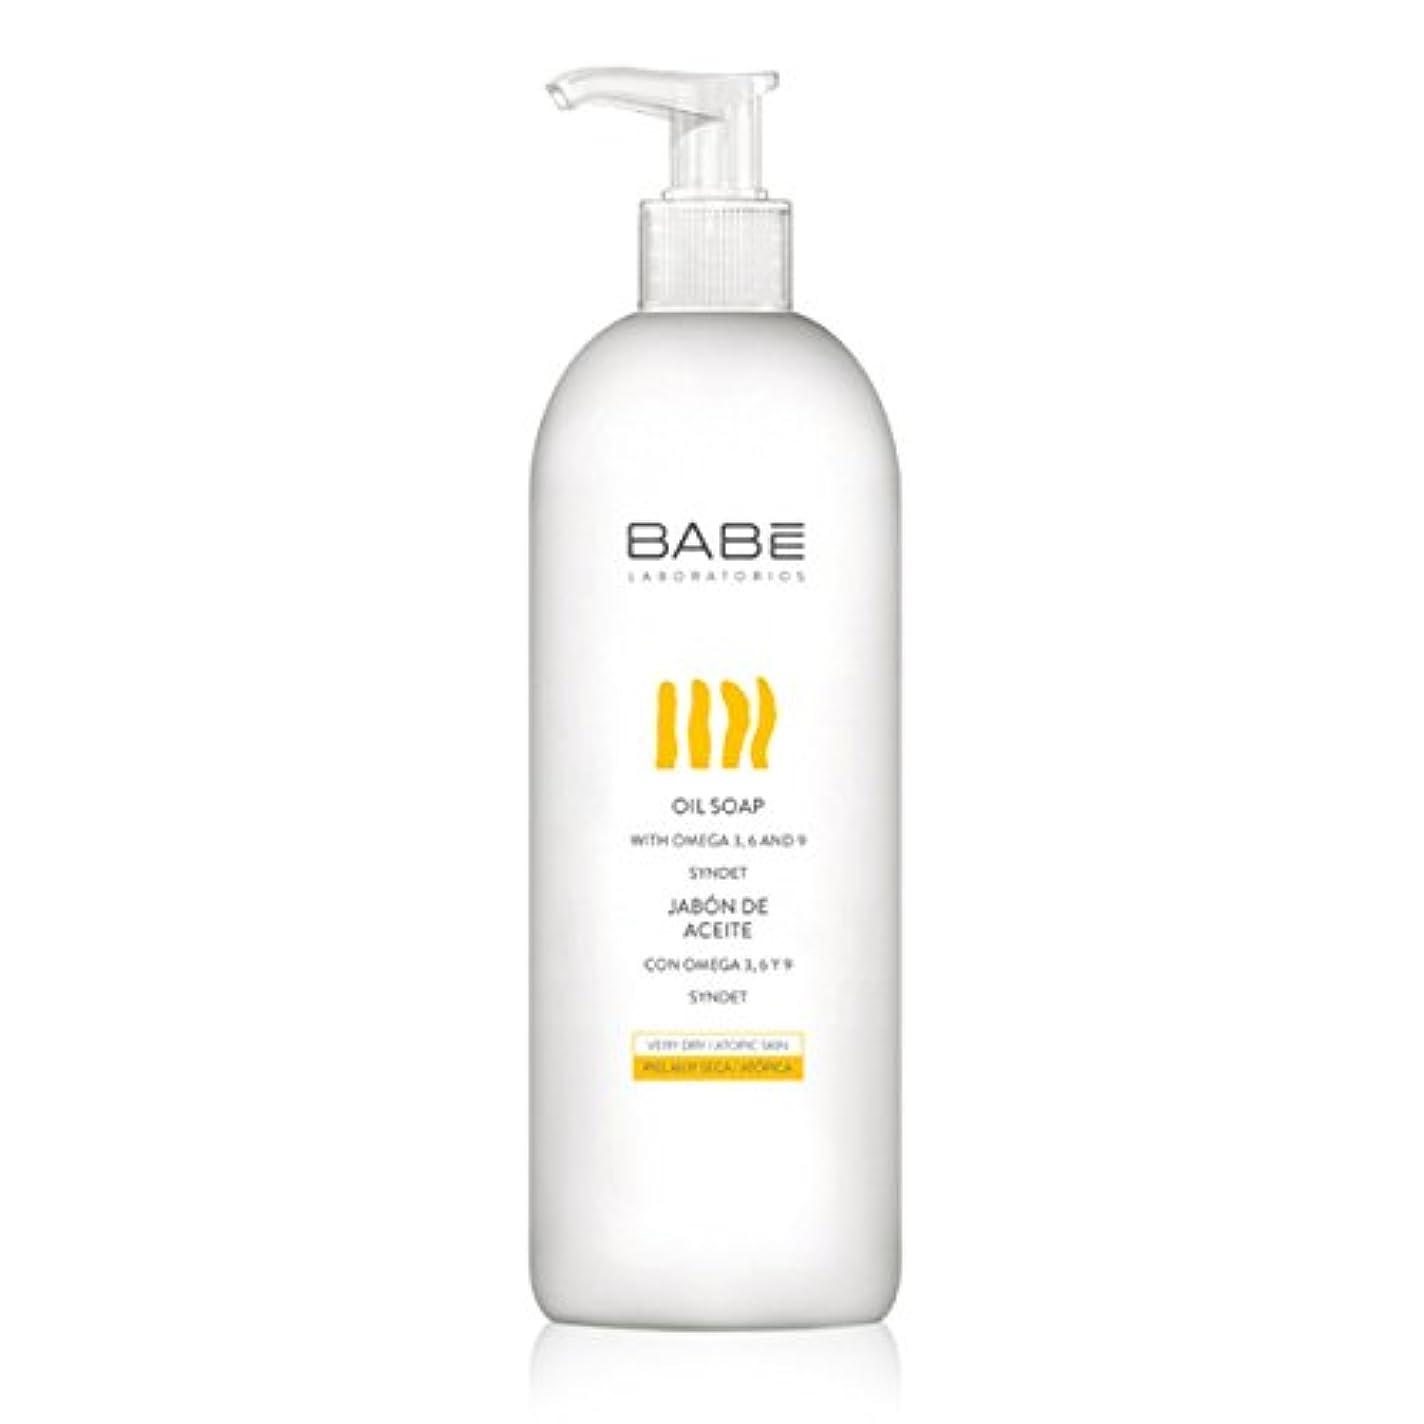 削除するインスタンスのりBabe Bath Oil 500ml [並行輸入品]